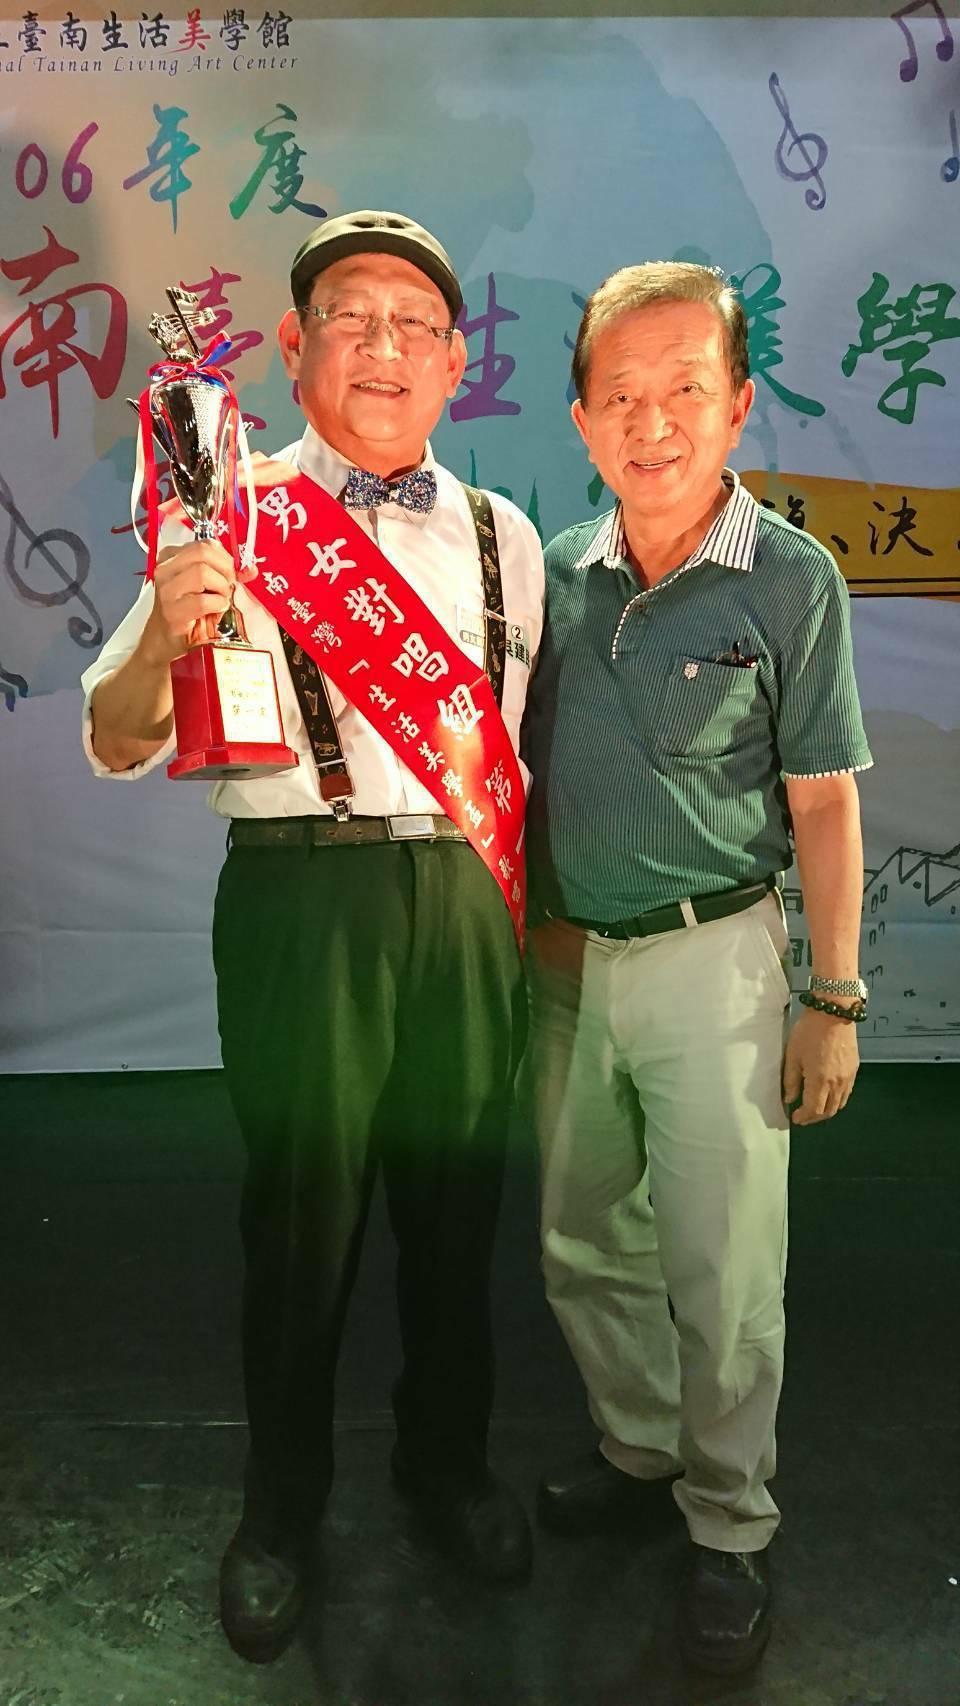 醫師吳建民(左)獲南台灣生活美學盃男女對唱總冠軍,與指導老師蘇中民合照。圖/李岱...